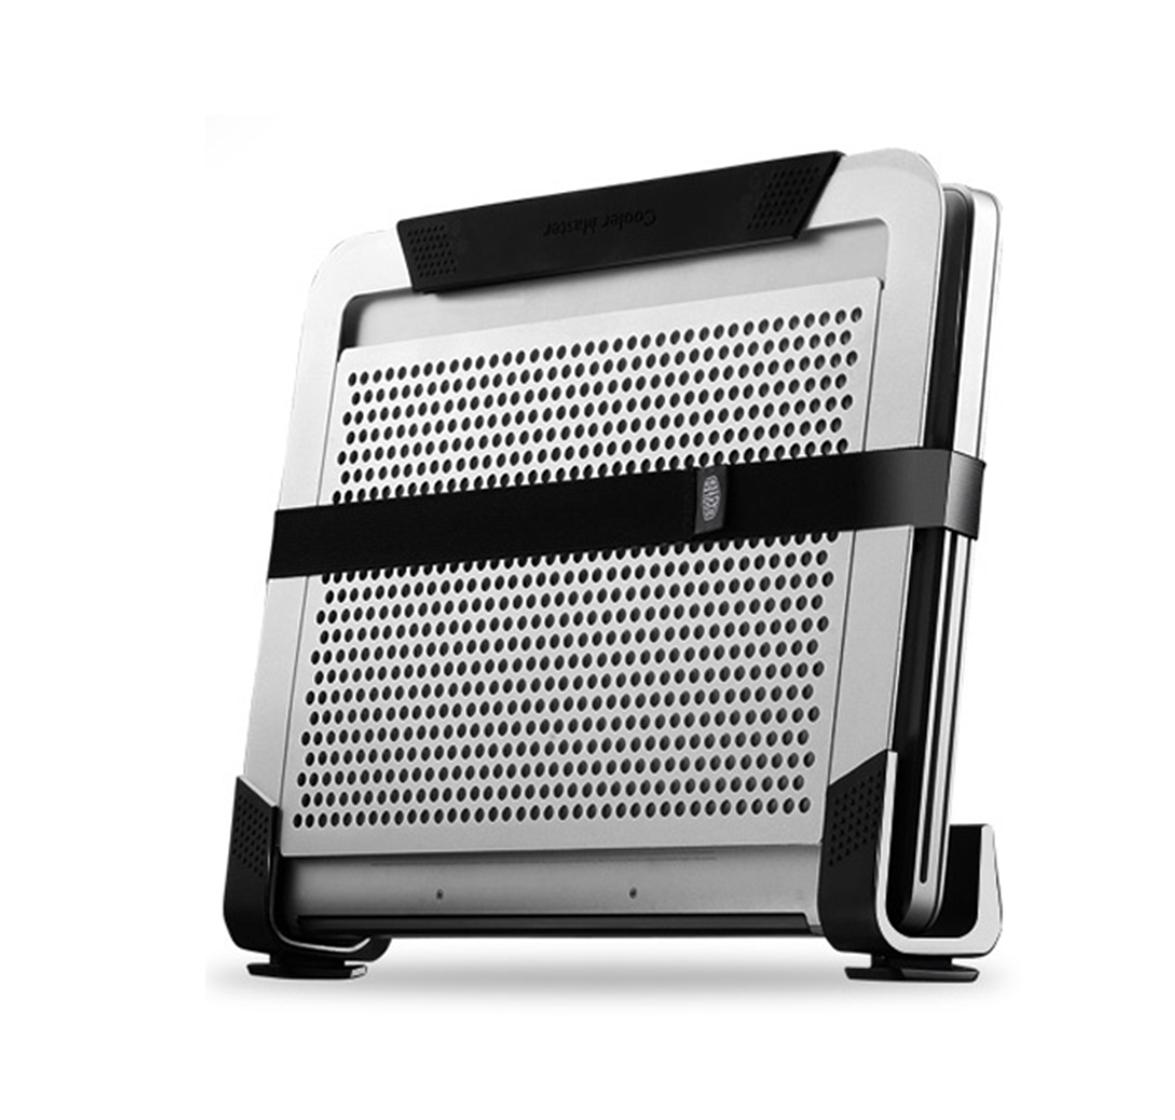 Biến Thành Case Đựng Laptop